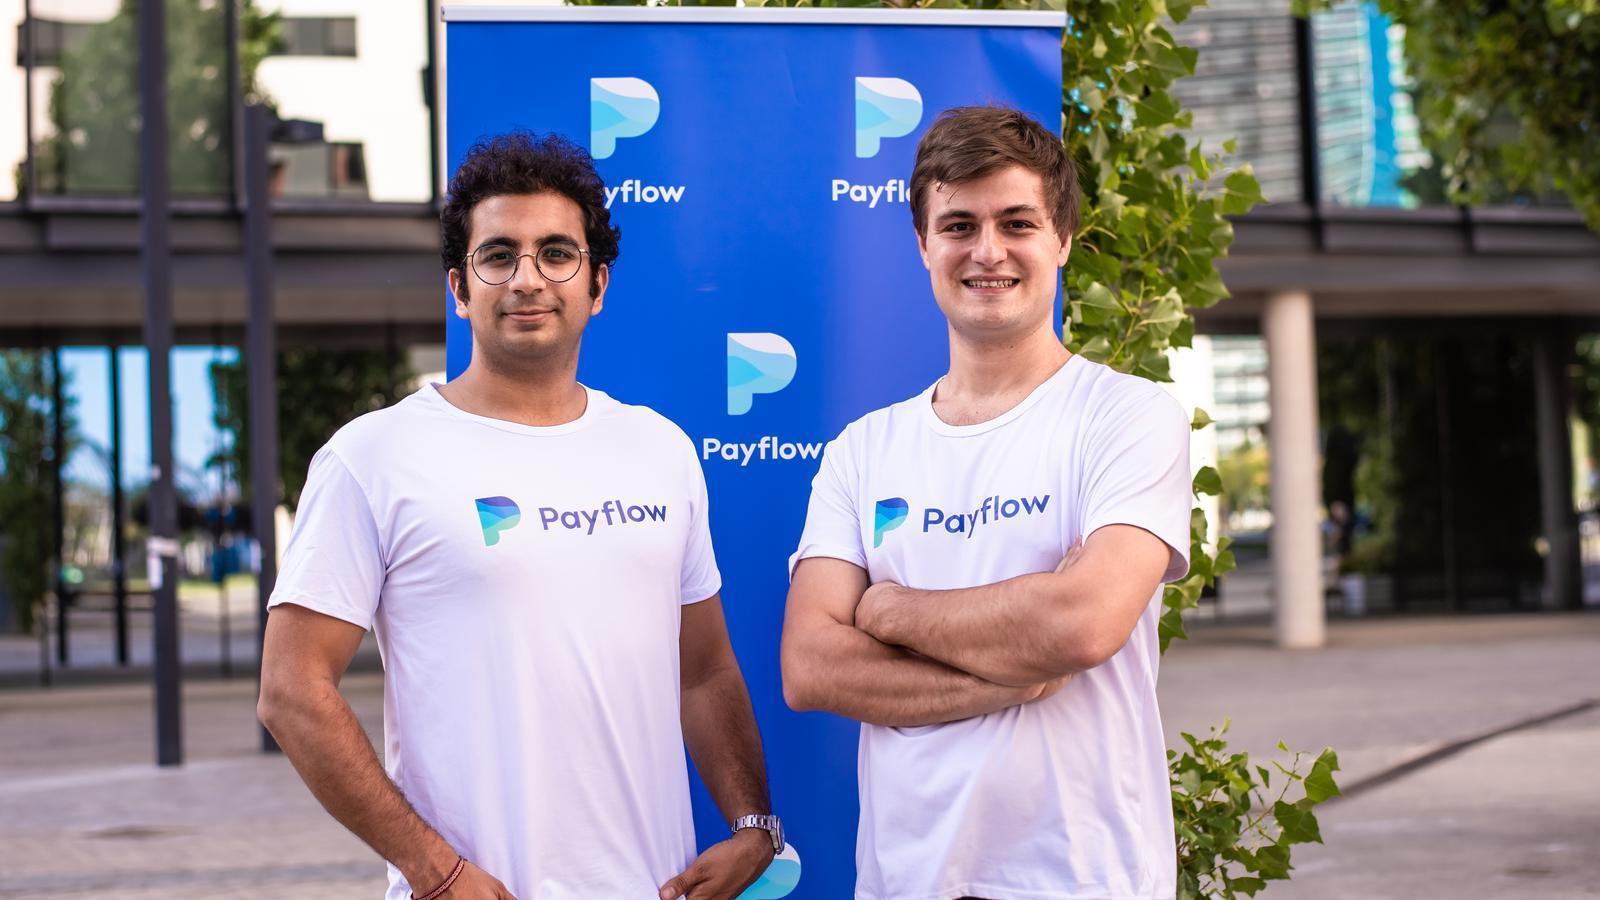 Avinash Sukhwani i Benoît Menardo, fundadors de Payflow